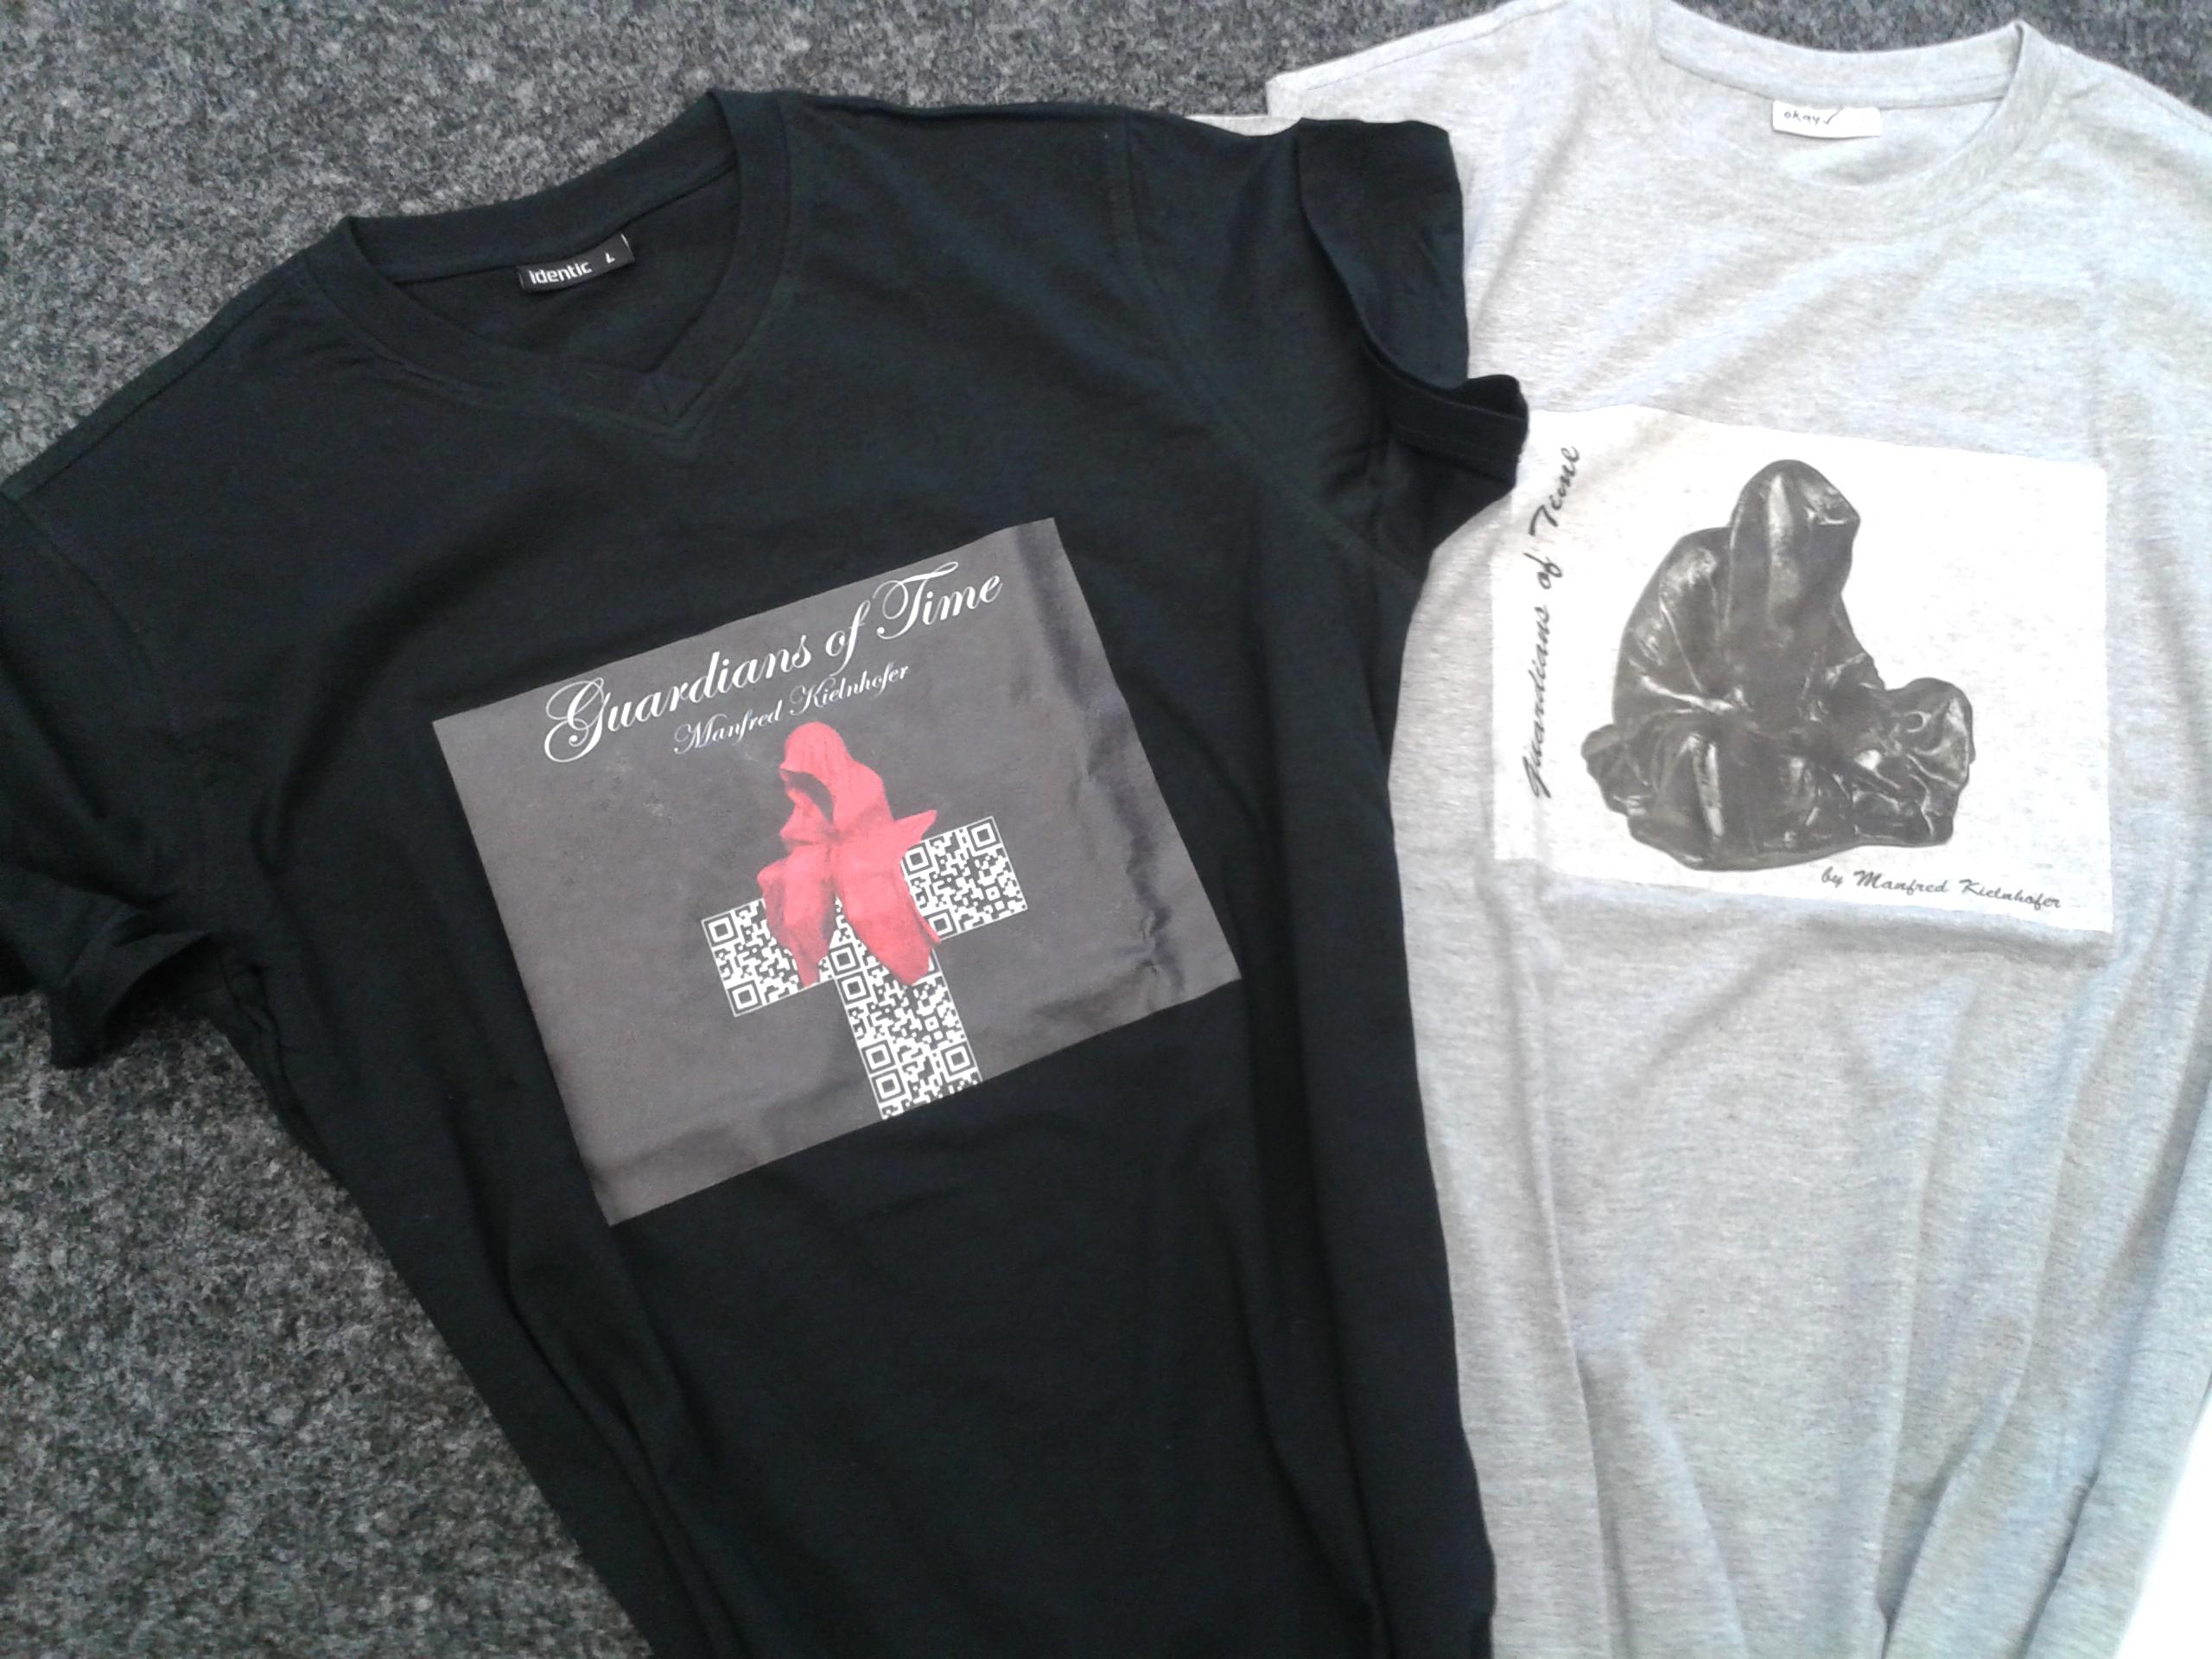 gurdians of time manfred kili kielnhofer t-shirts fashon design store shop 520